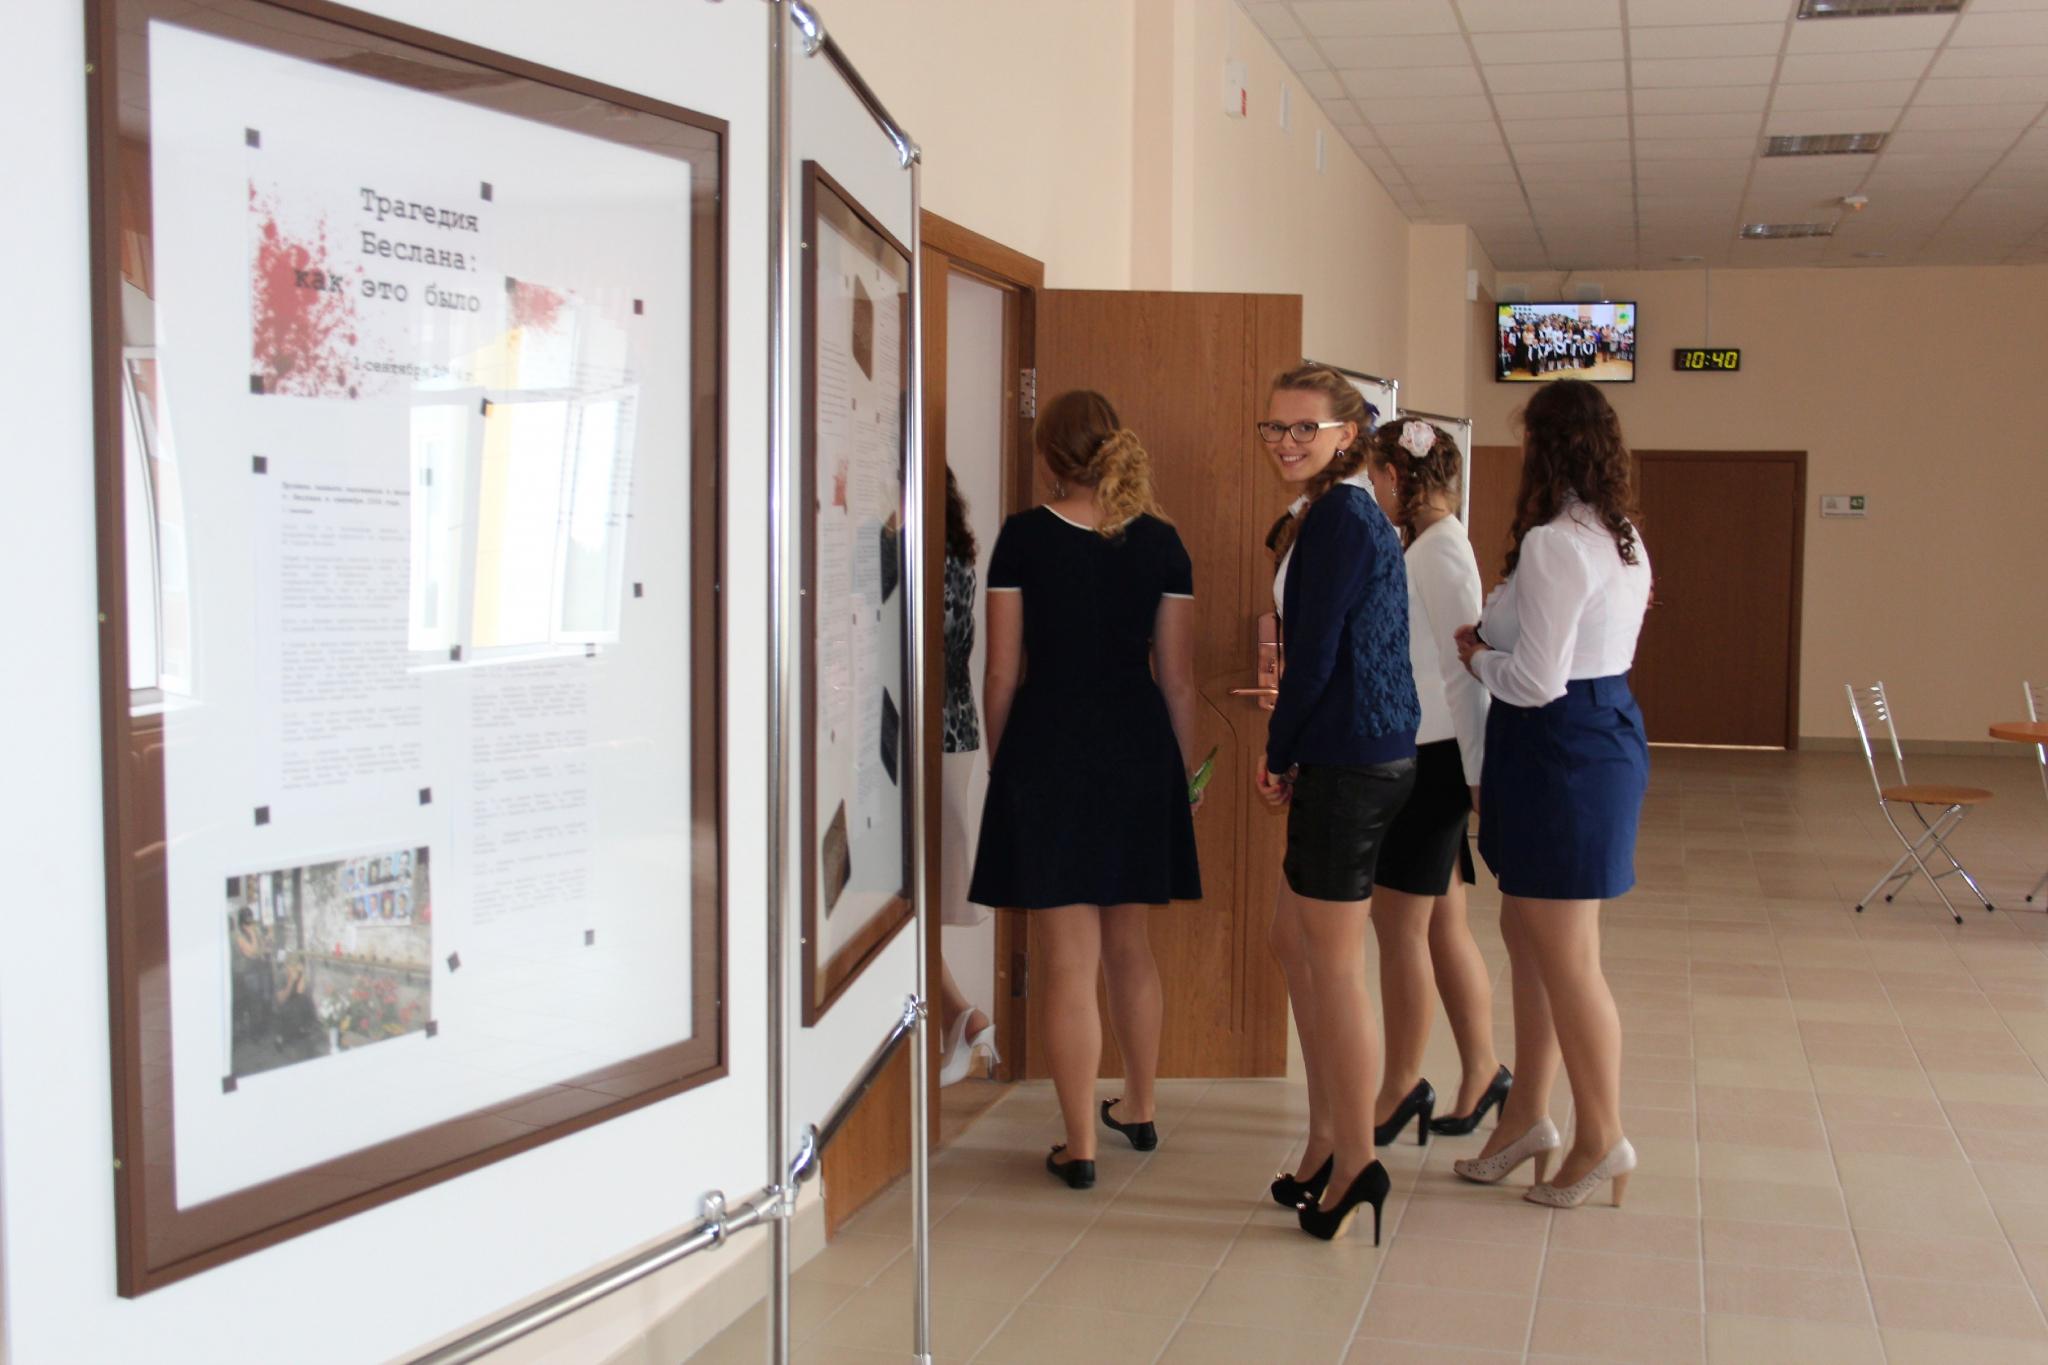 Проверка слухов: в Кирове пытались похитить учениц школы